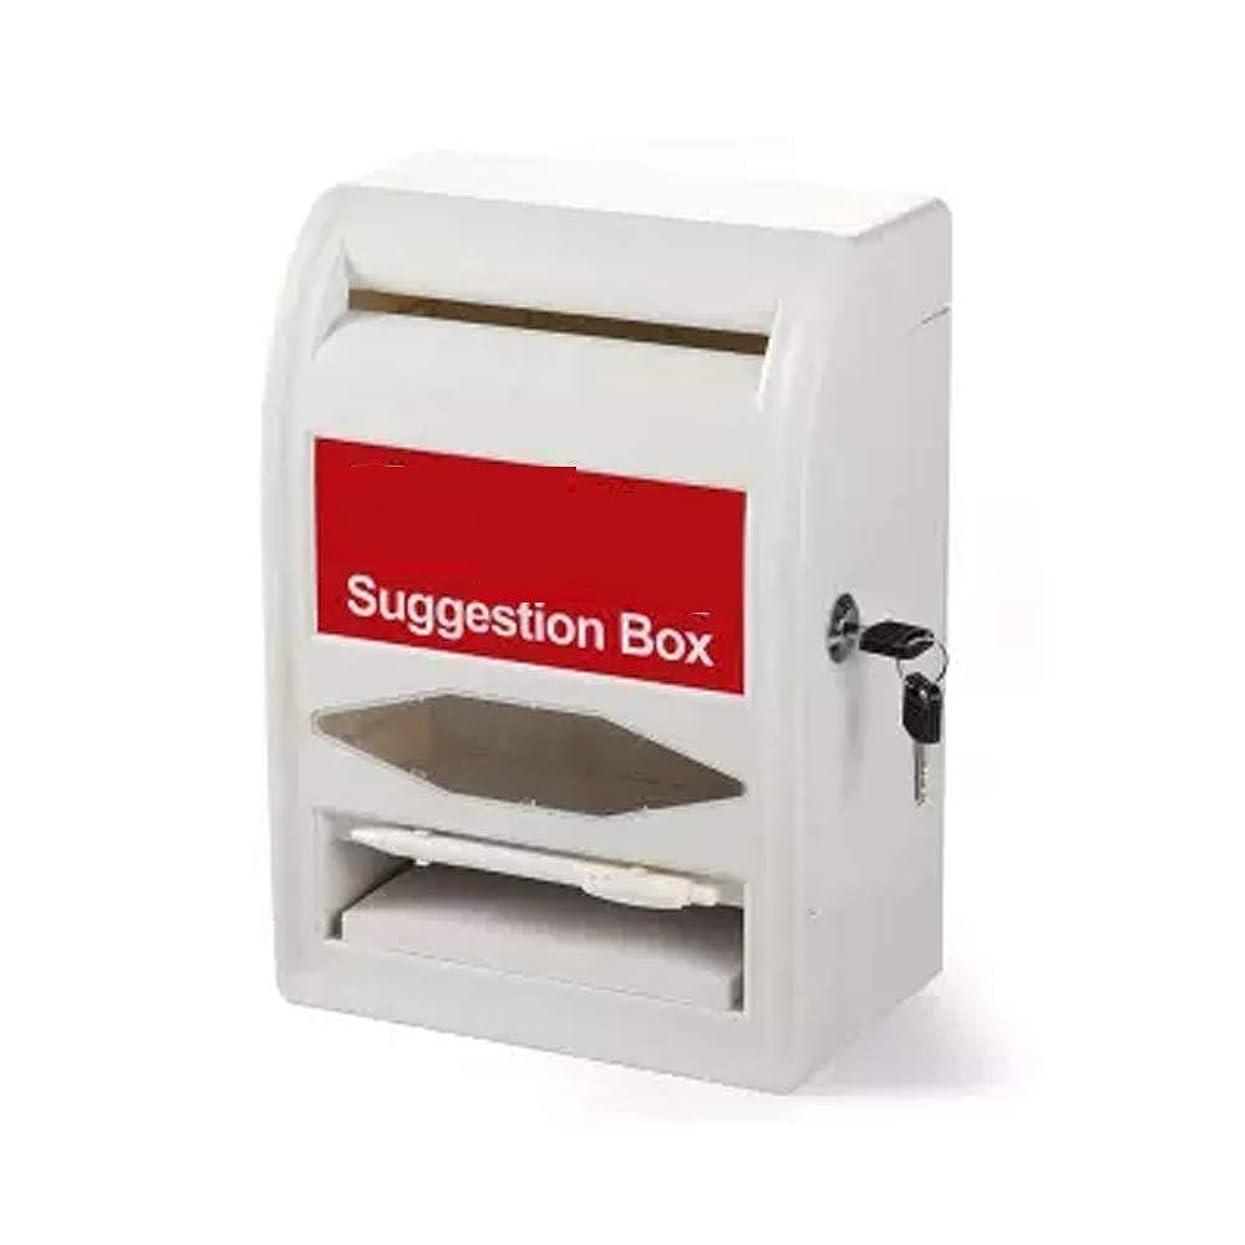 薬理学夜明けジャンプXJZxX ロック付きメールボックスレポートボックスクリエイティブレターボックスパトロールサインボックスクレームボックスパーセルボックス